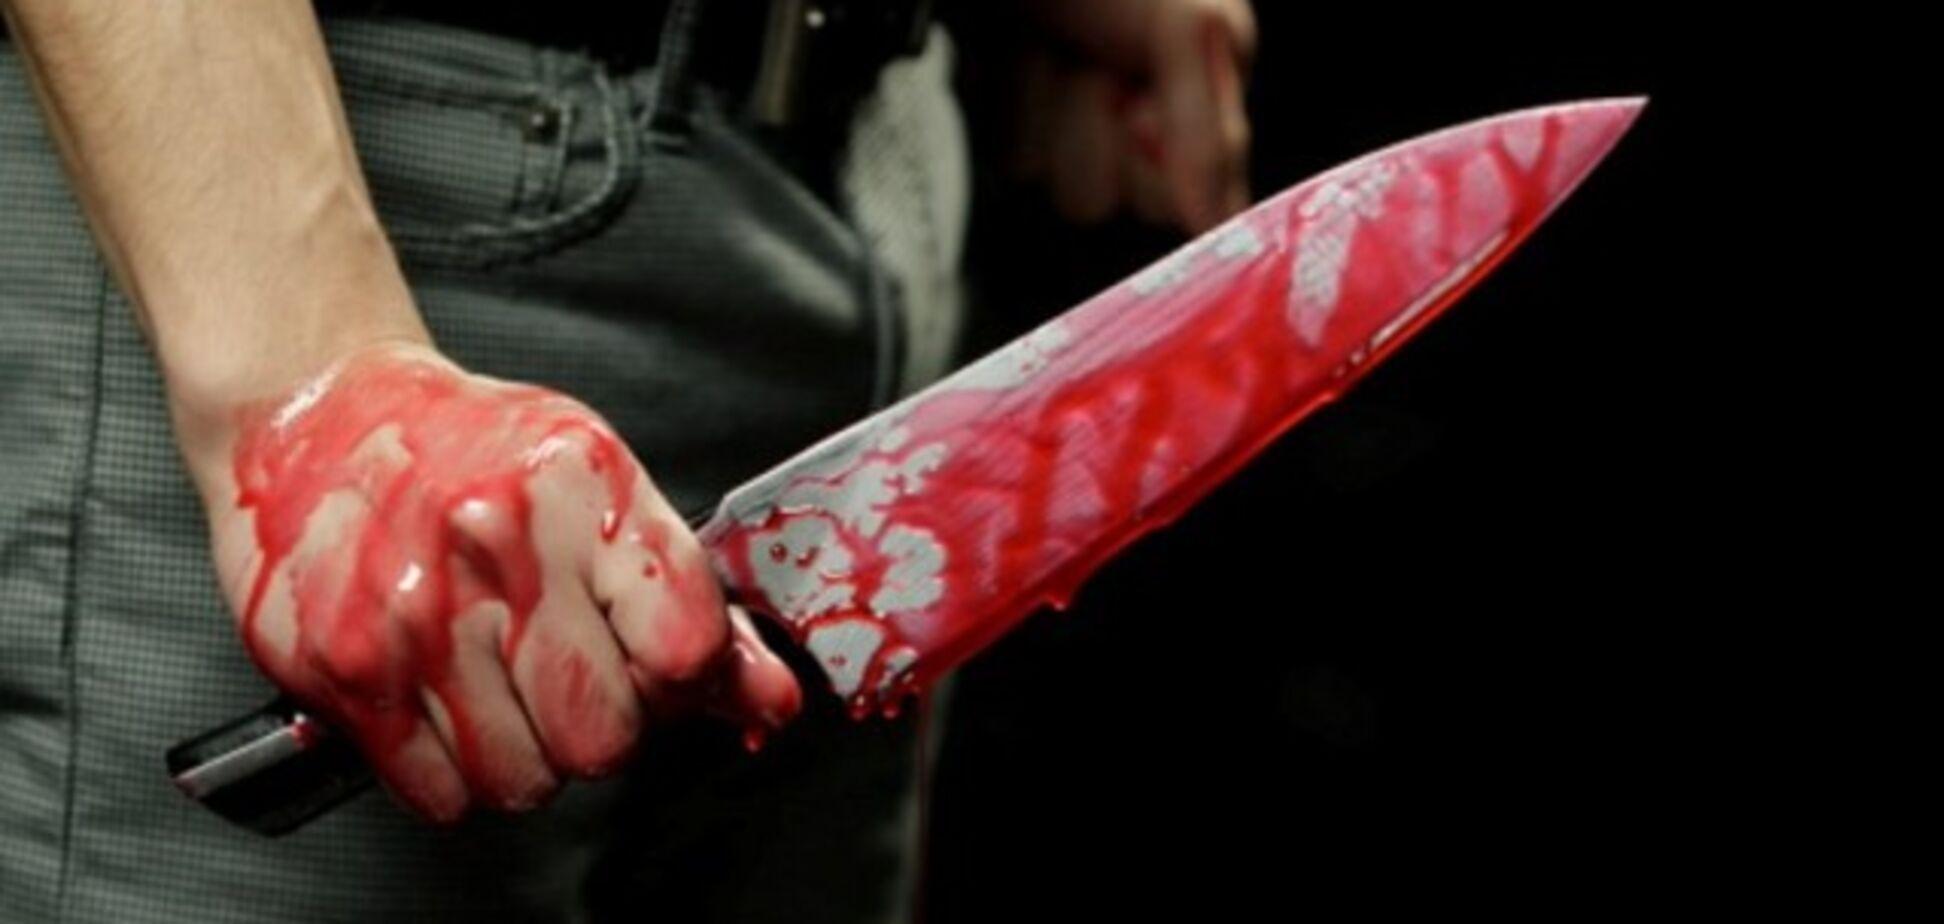 В Запорожье честь женщины отстаивали с помощью ножа